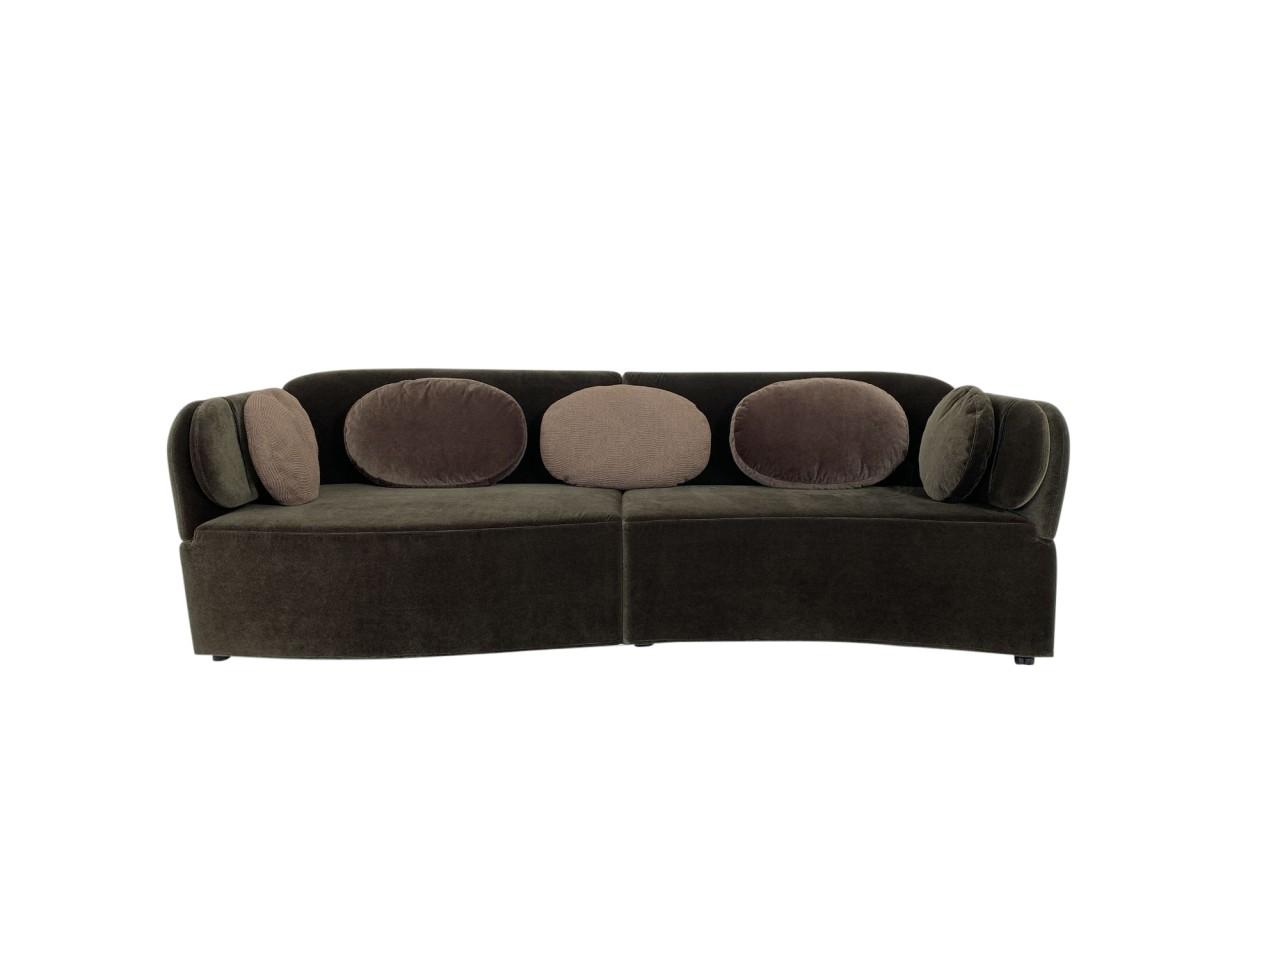 Brühl FLORET GLORY Sofa in samtigen Velour Stoff braun mit einzigartigen Verwandlungsfunktionen